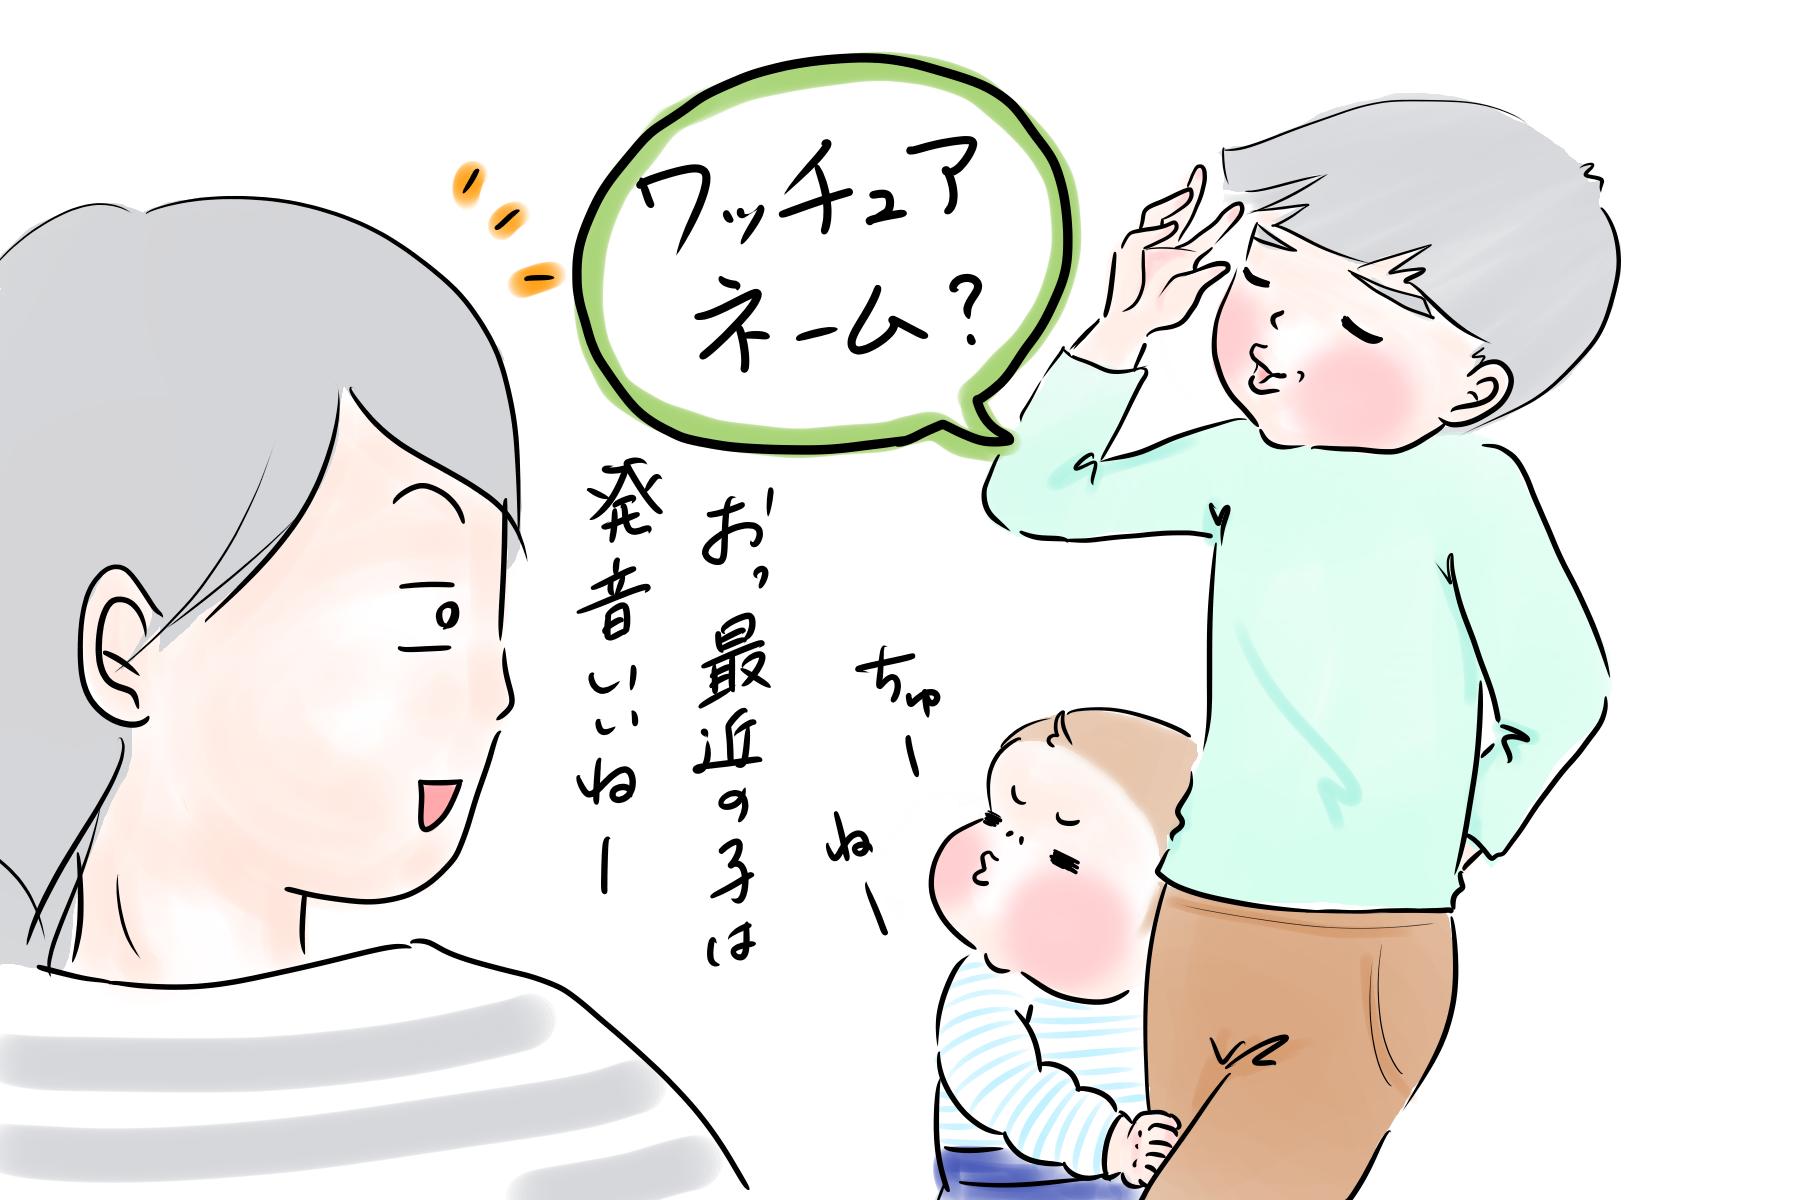 小学校の英語教育が変わる! 教育のプロに聞いた「ママが準備すべきこと」【笑いあり涙あり 男子3人育児 第11話】